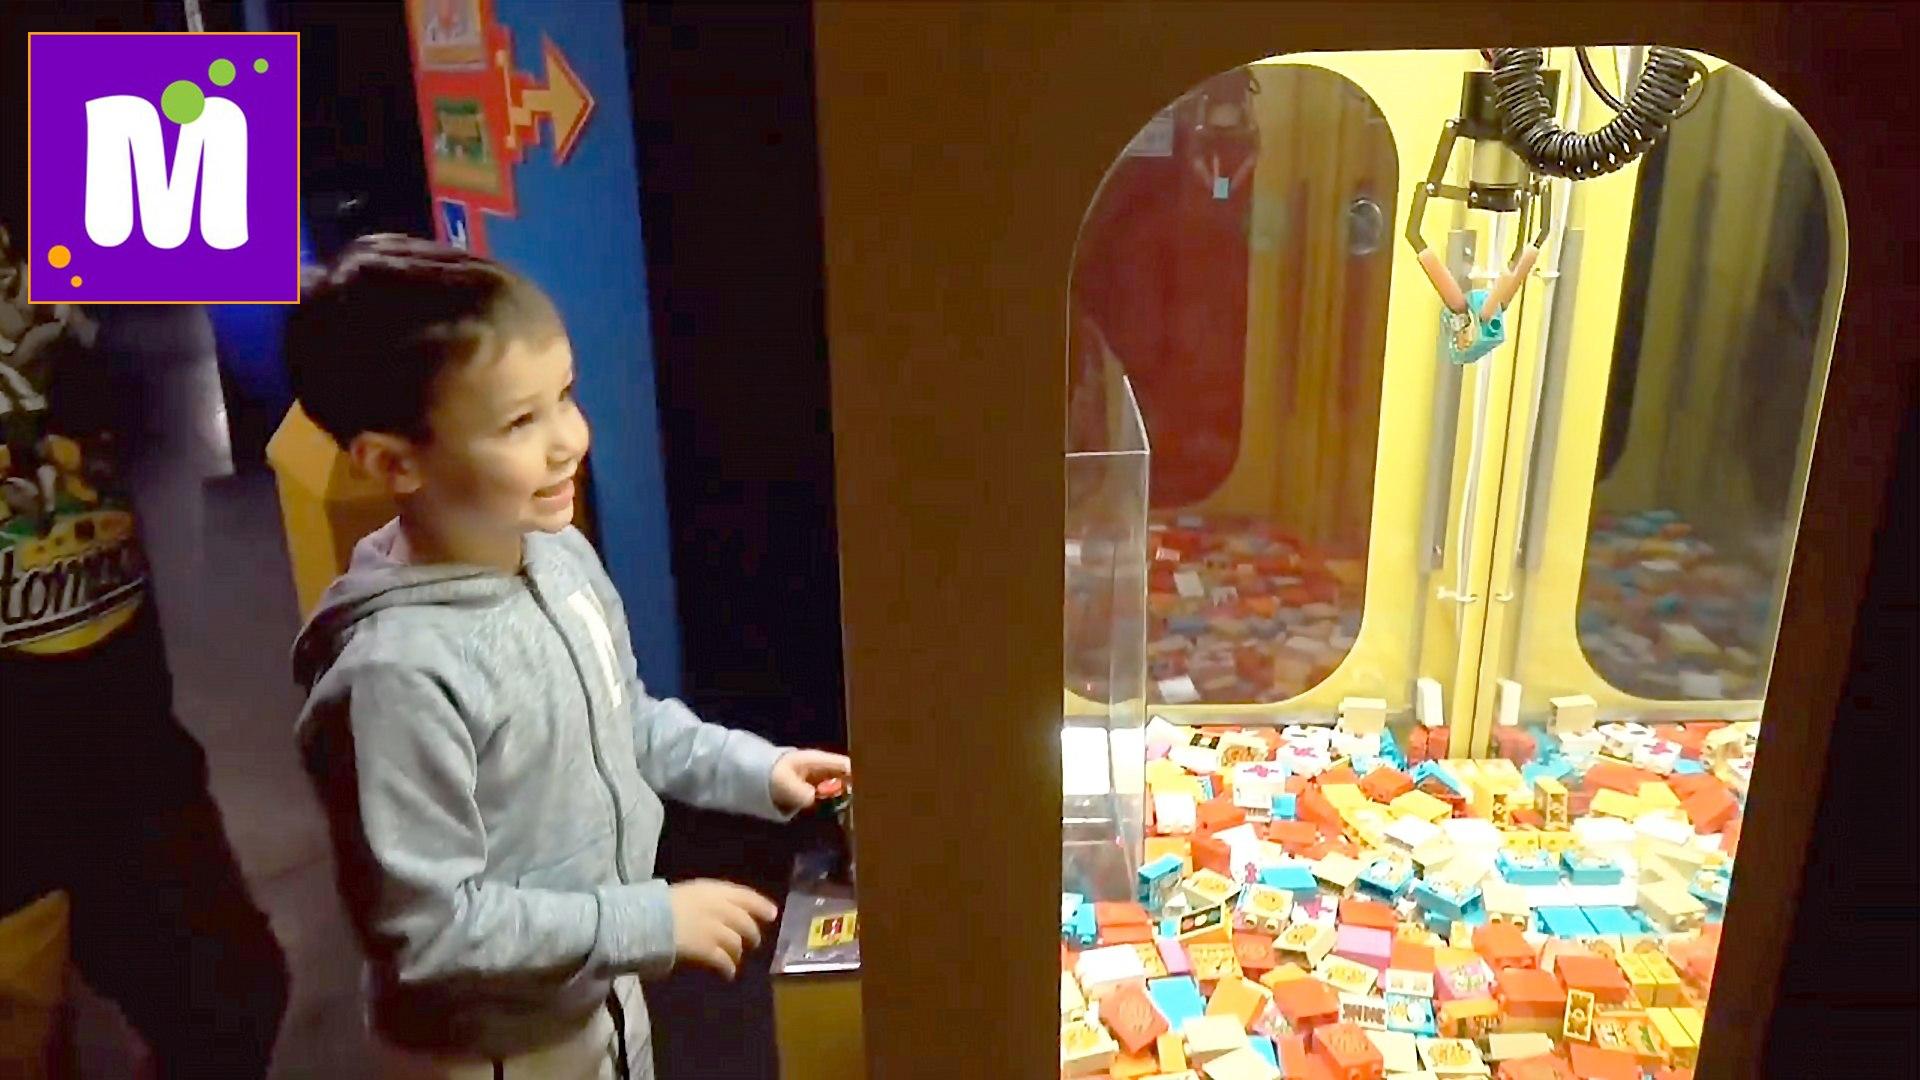 Германия #8 Леголенд Берлин новые игрушки в ToysRus и МакДональдс ВЛОГ Макс и Катя VLOG Legoland new